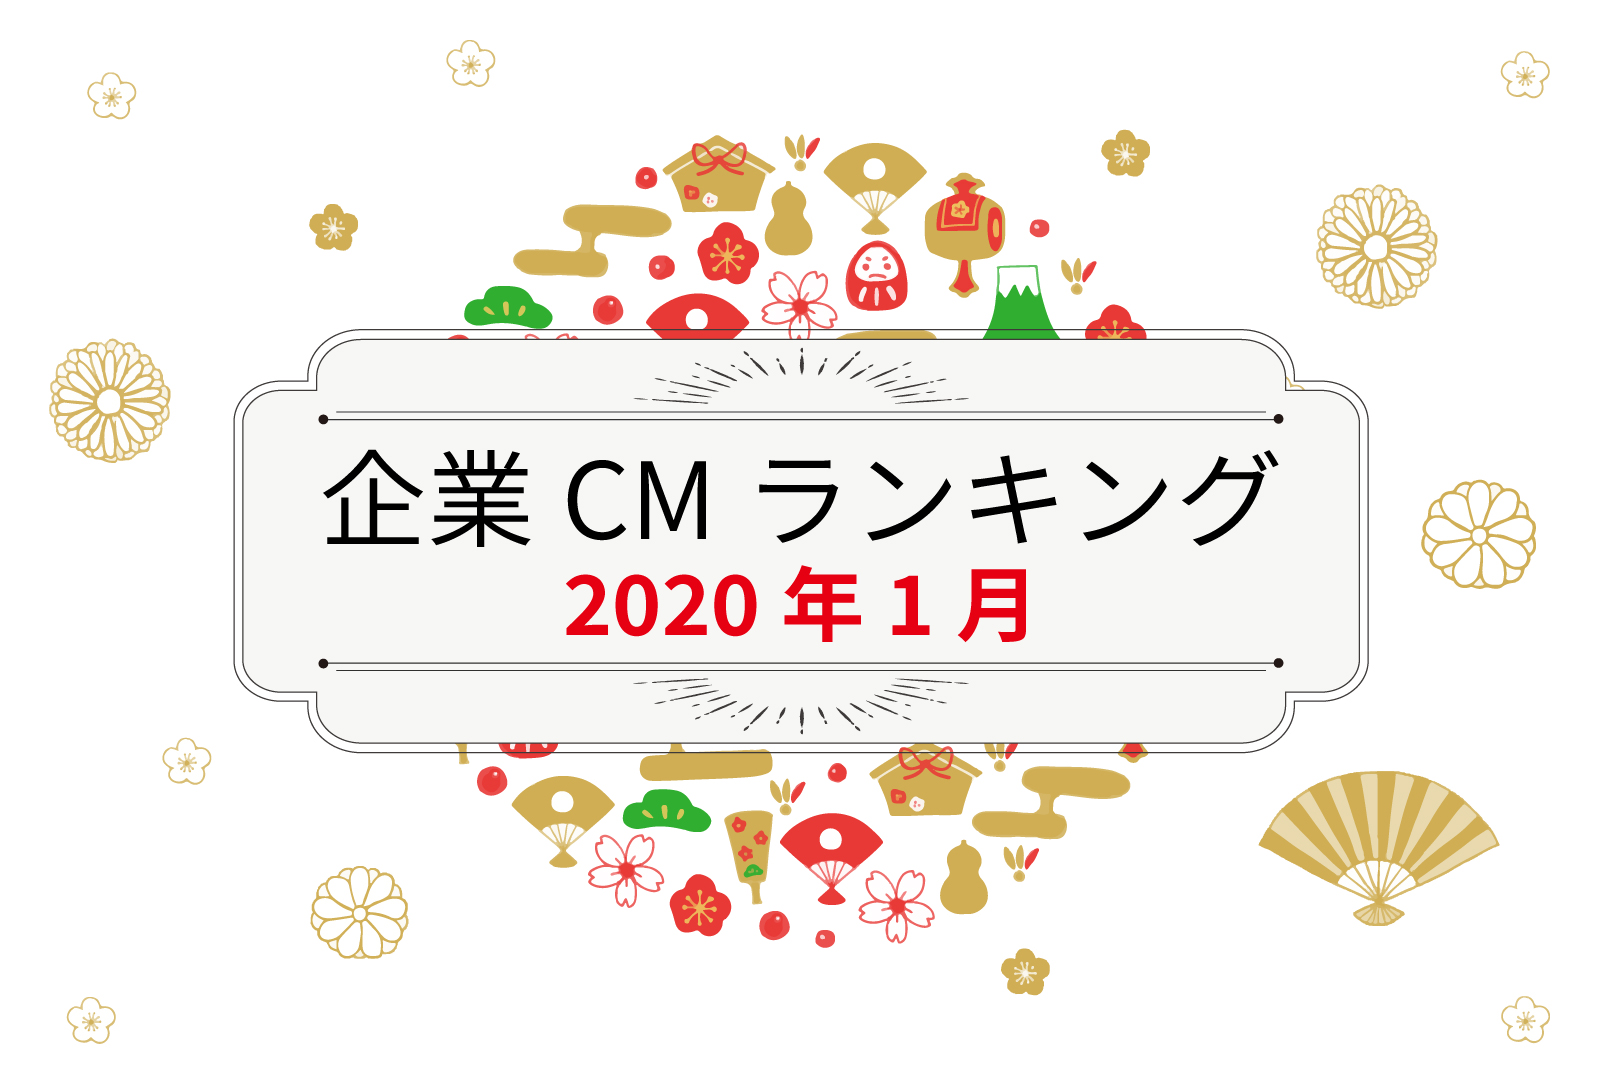 企業CMランキング(2020年1月)